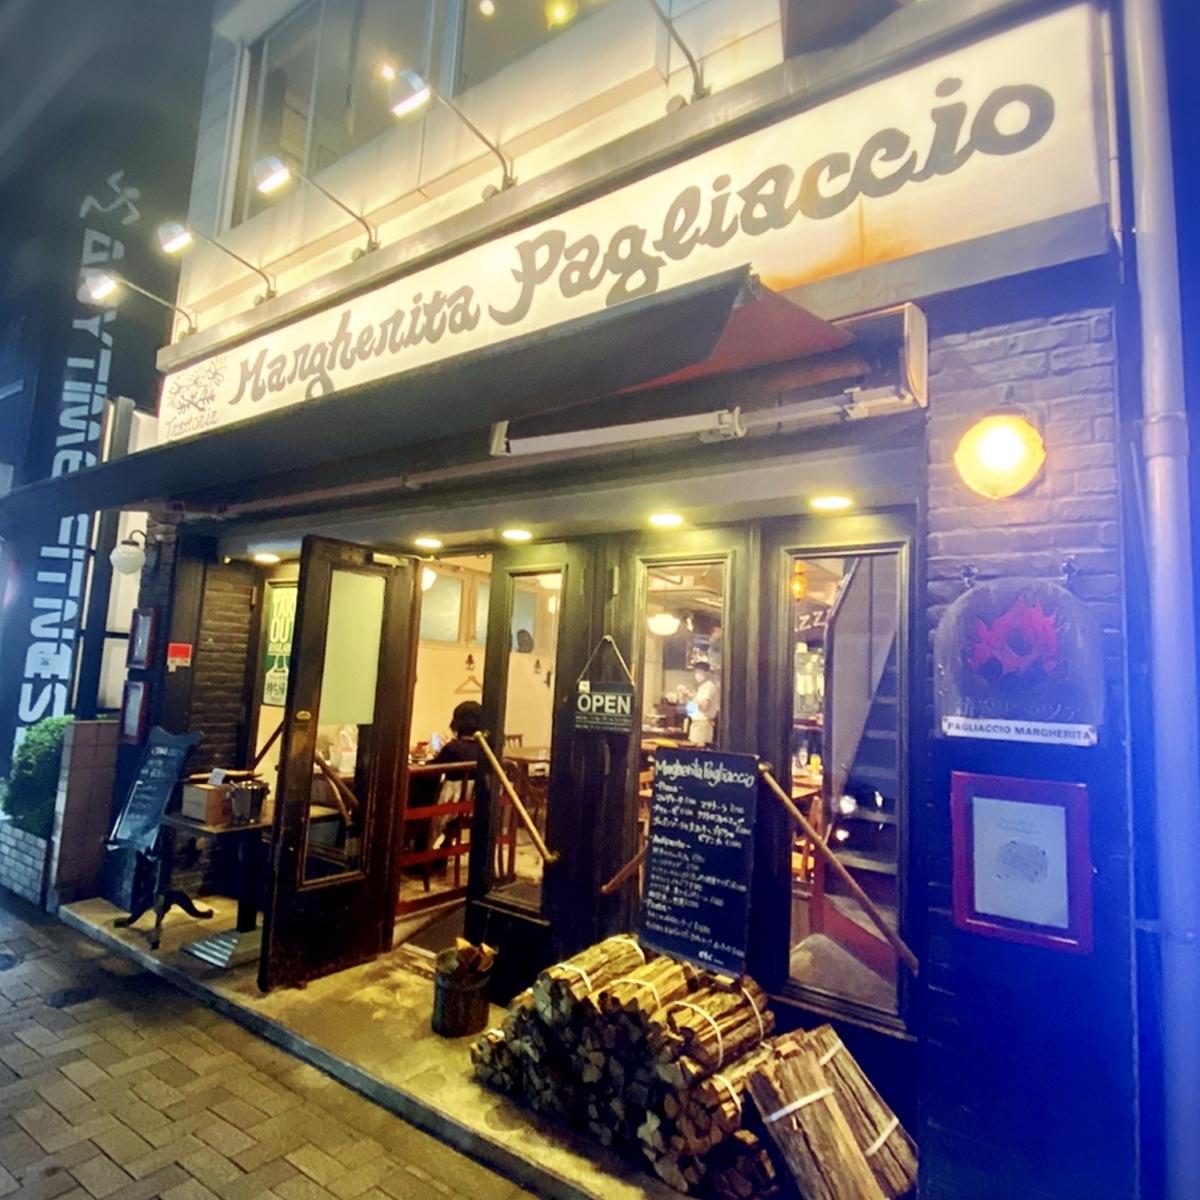 「マルゲリータ パリアッチョ神楽坂店」はデートから飲み会でもおすすめできる素敵イタリアンでした